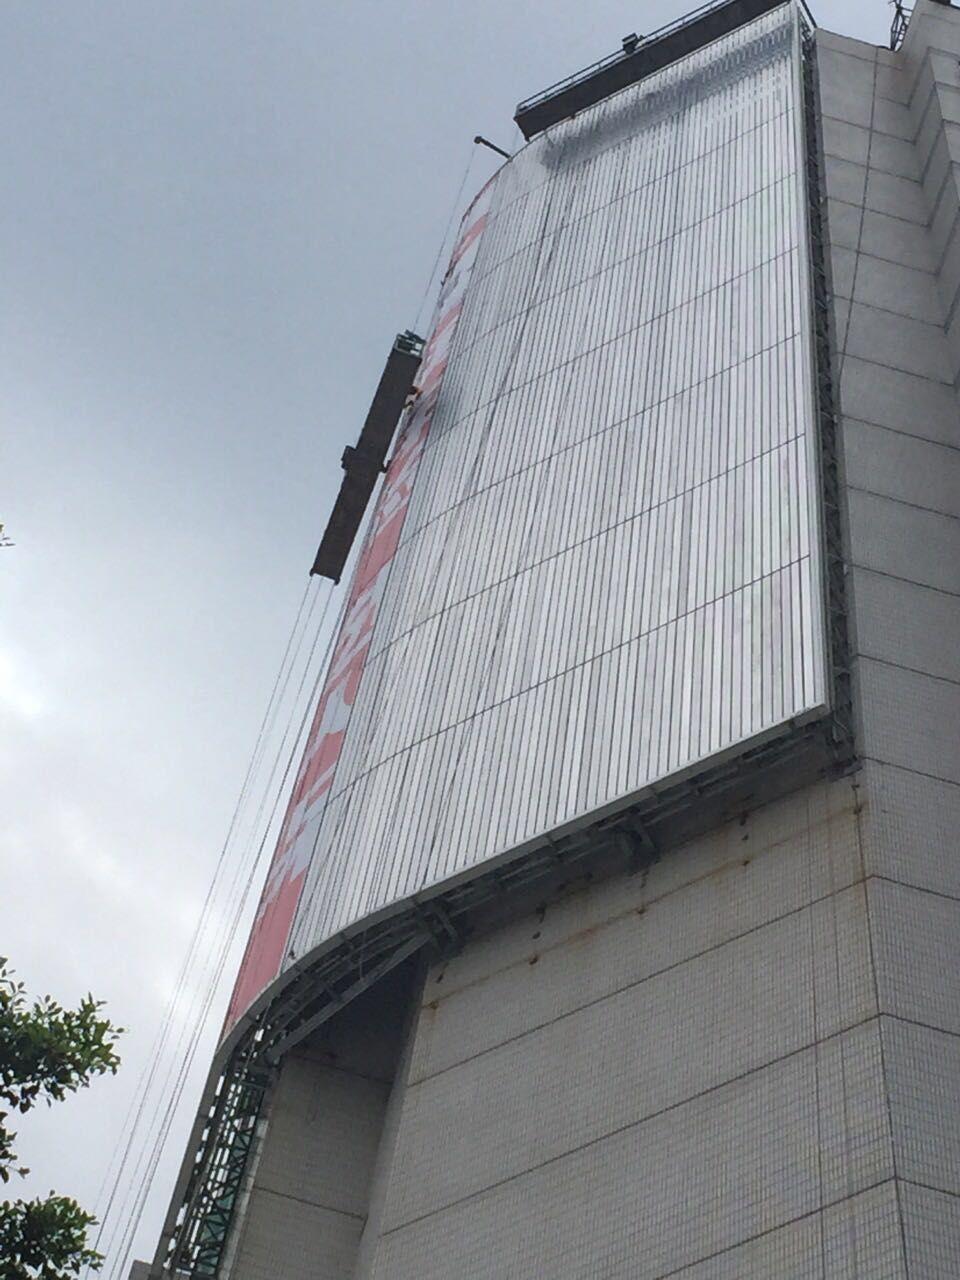 長沙廣告牌制作公司-樓頂廣告牌制作價格怎樣